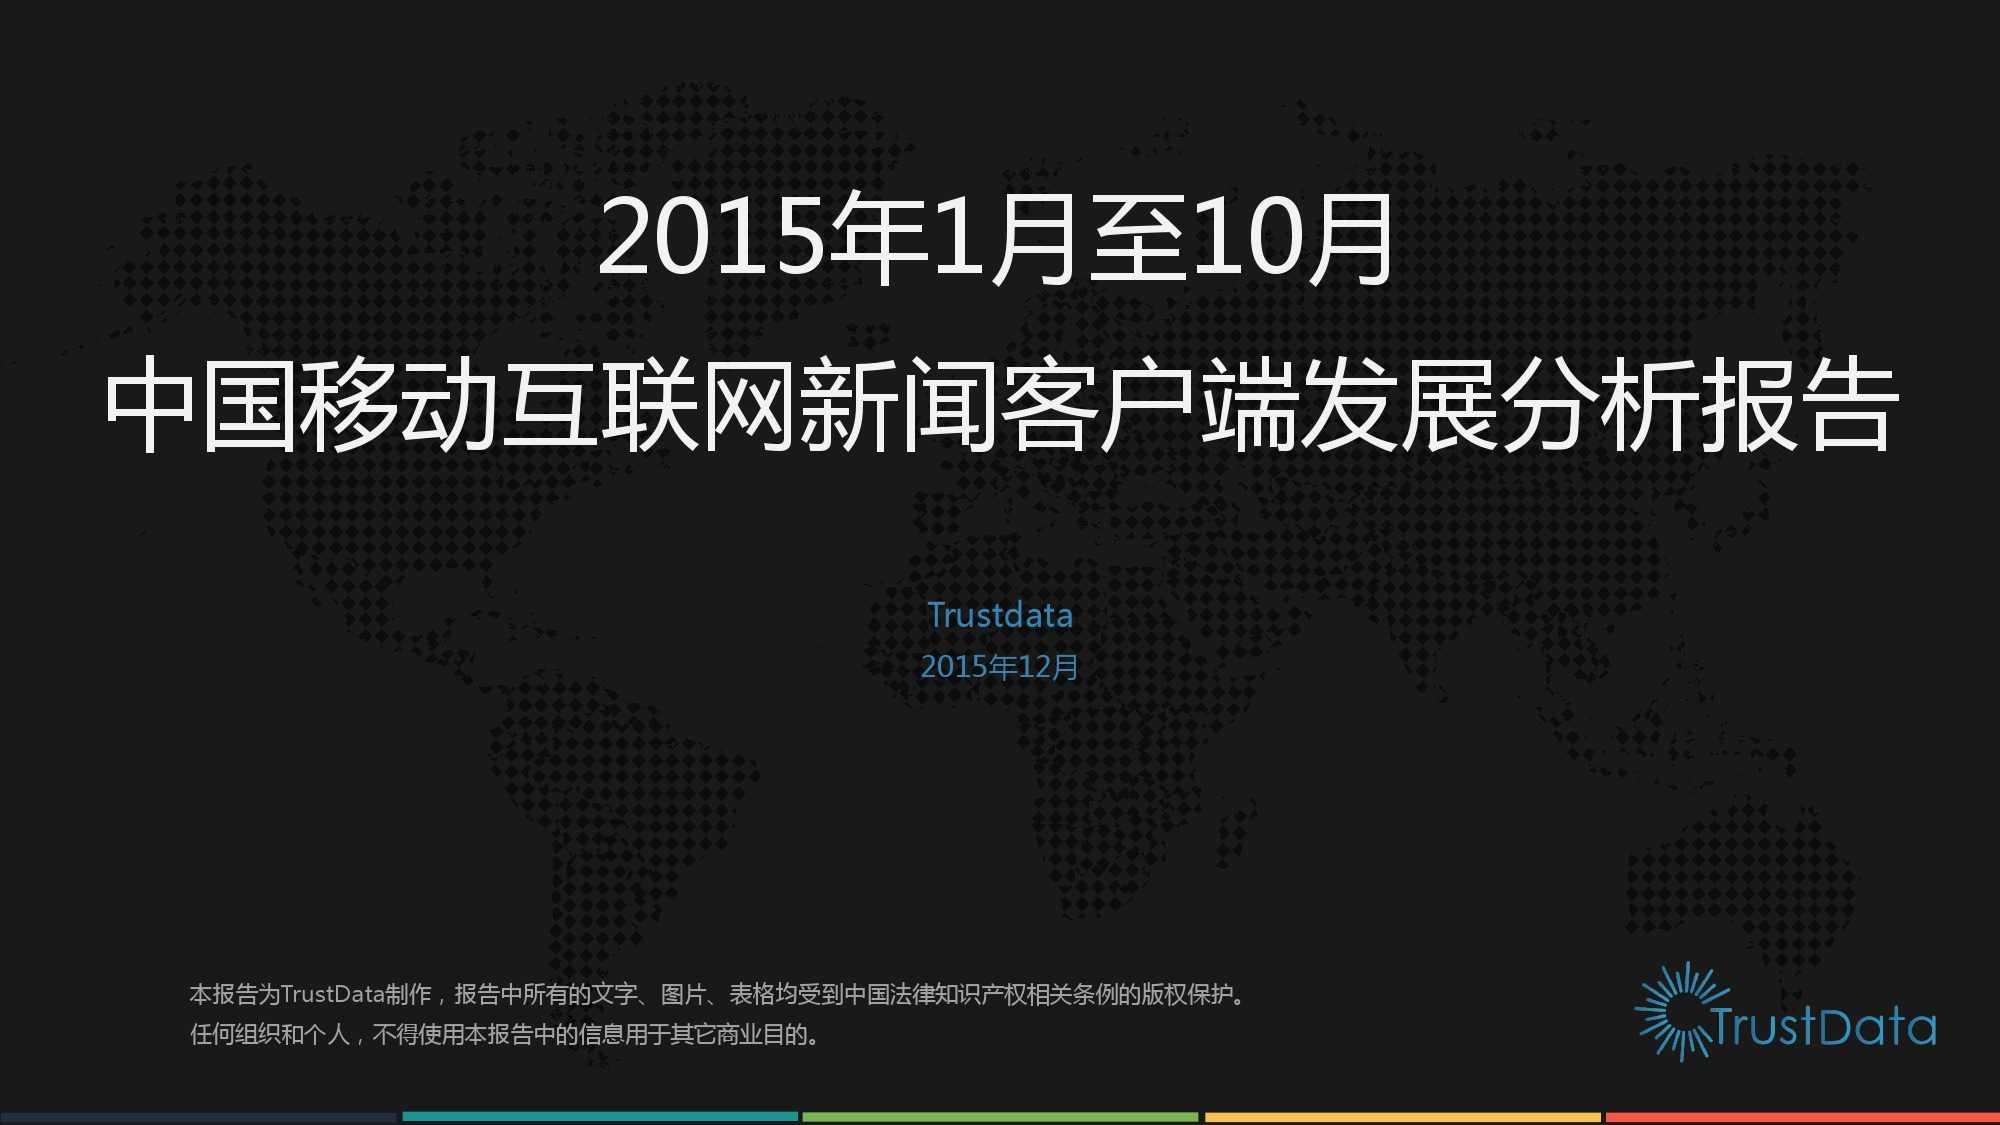 2015年1月至10月中国移动互联网新闻客户端发展分析报告 Final_000001